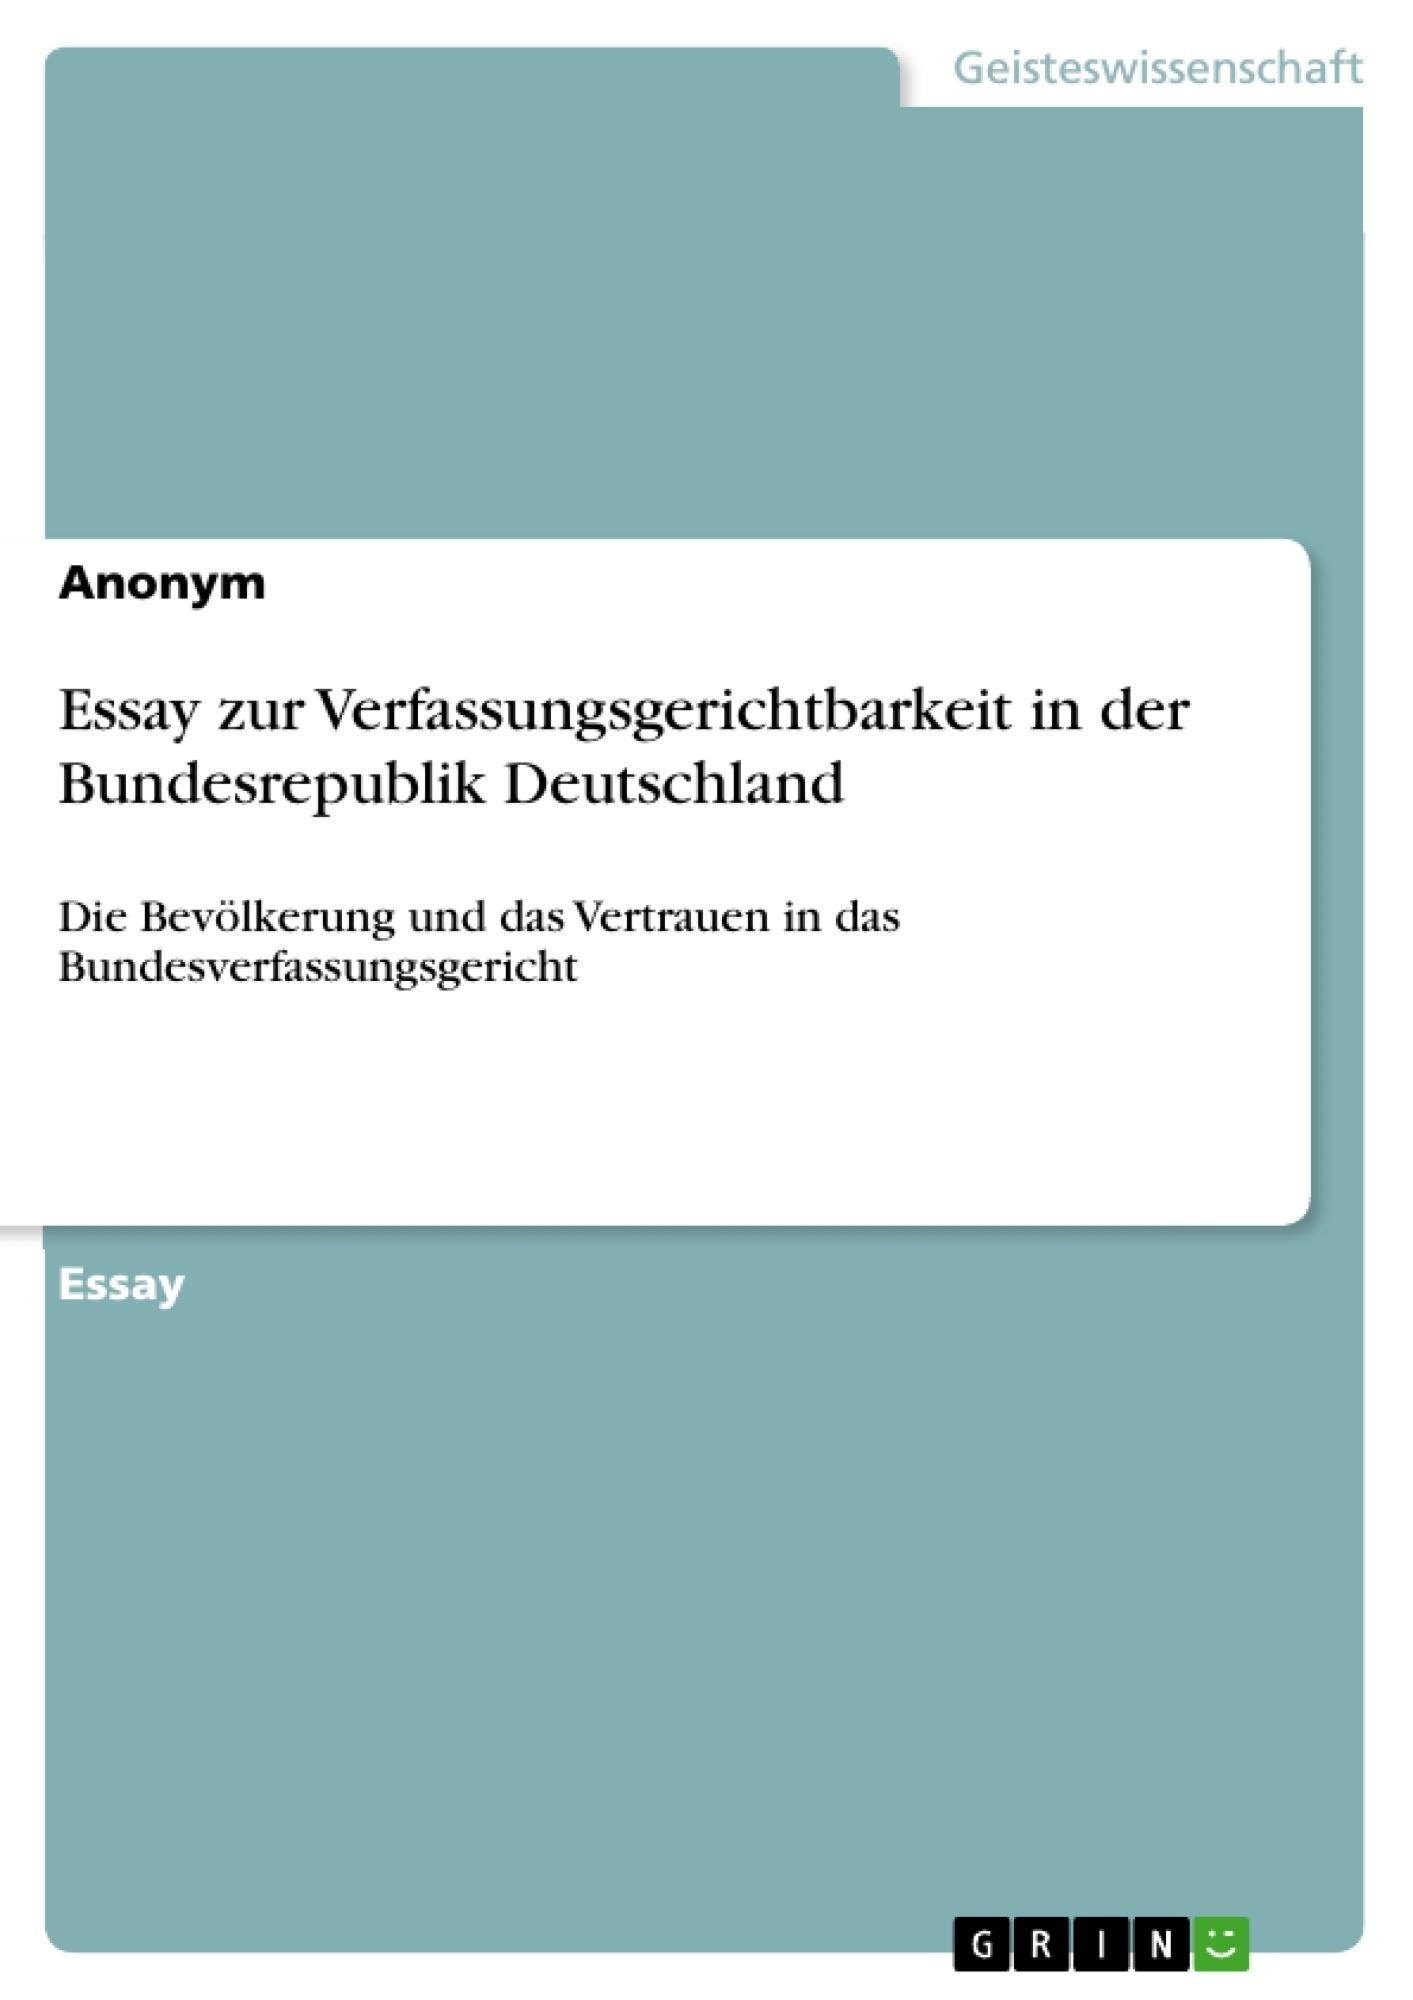 Titel: Essay zur Verfassungsgerichtbarkeit in der Bundesrepublik Deutschland